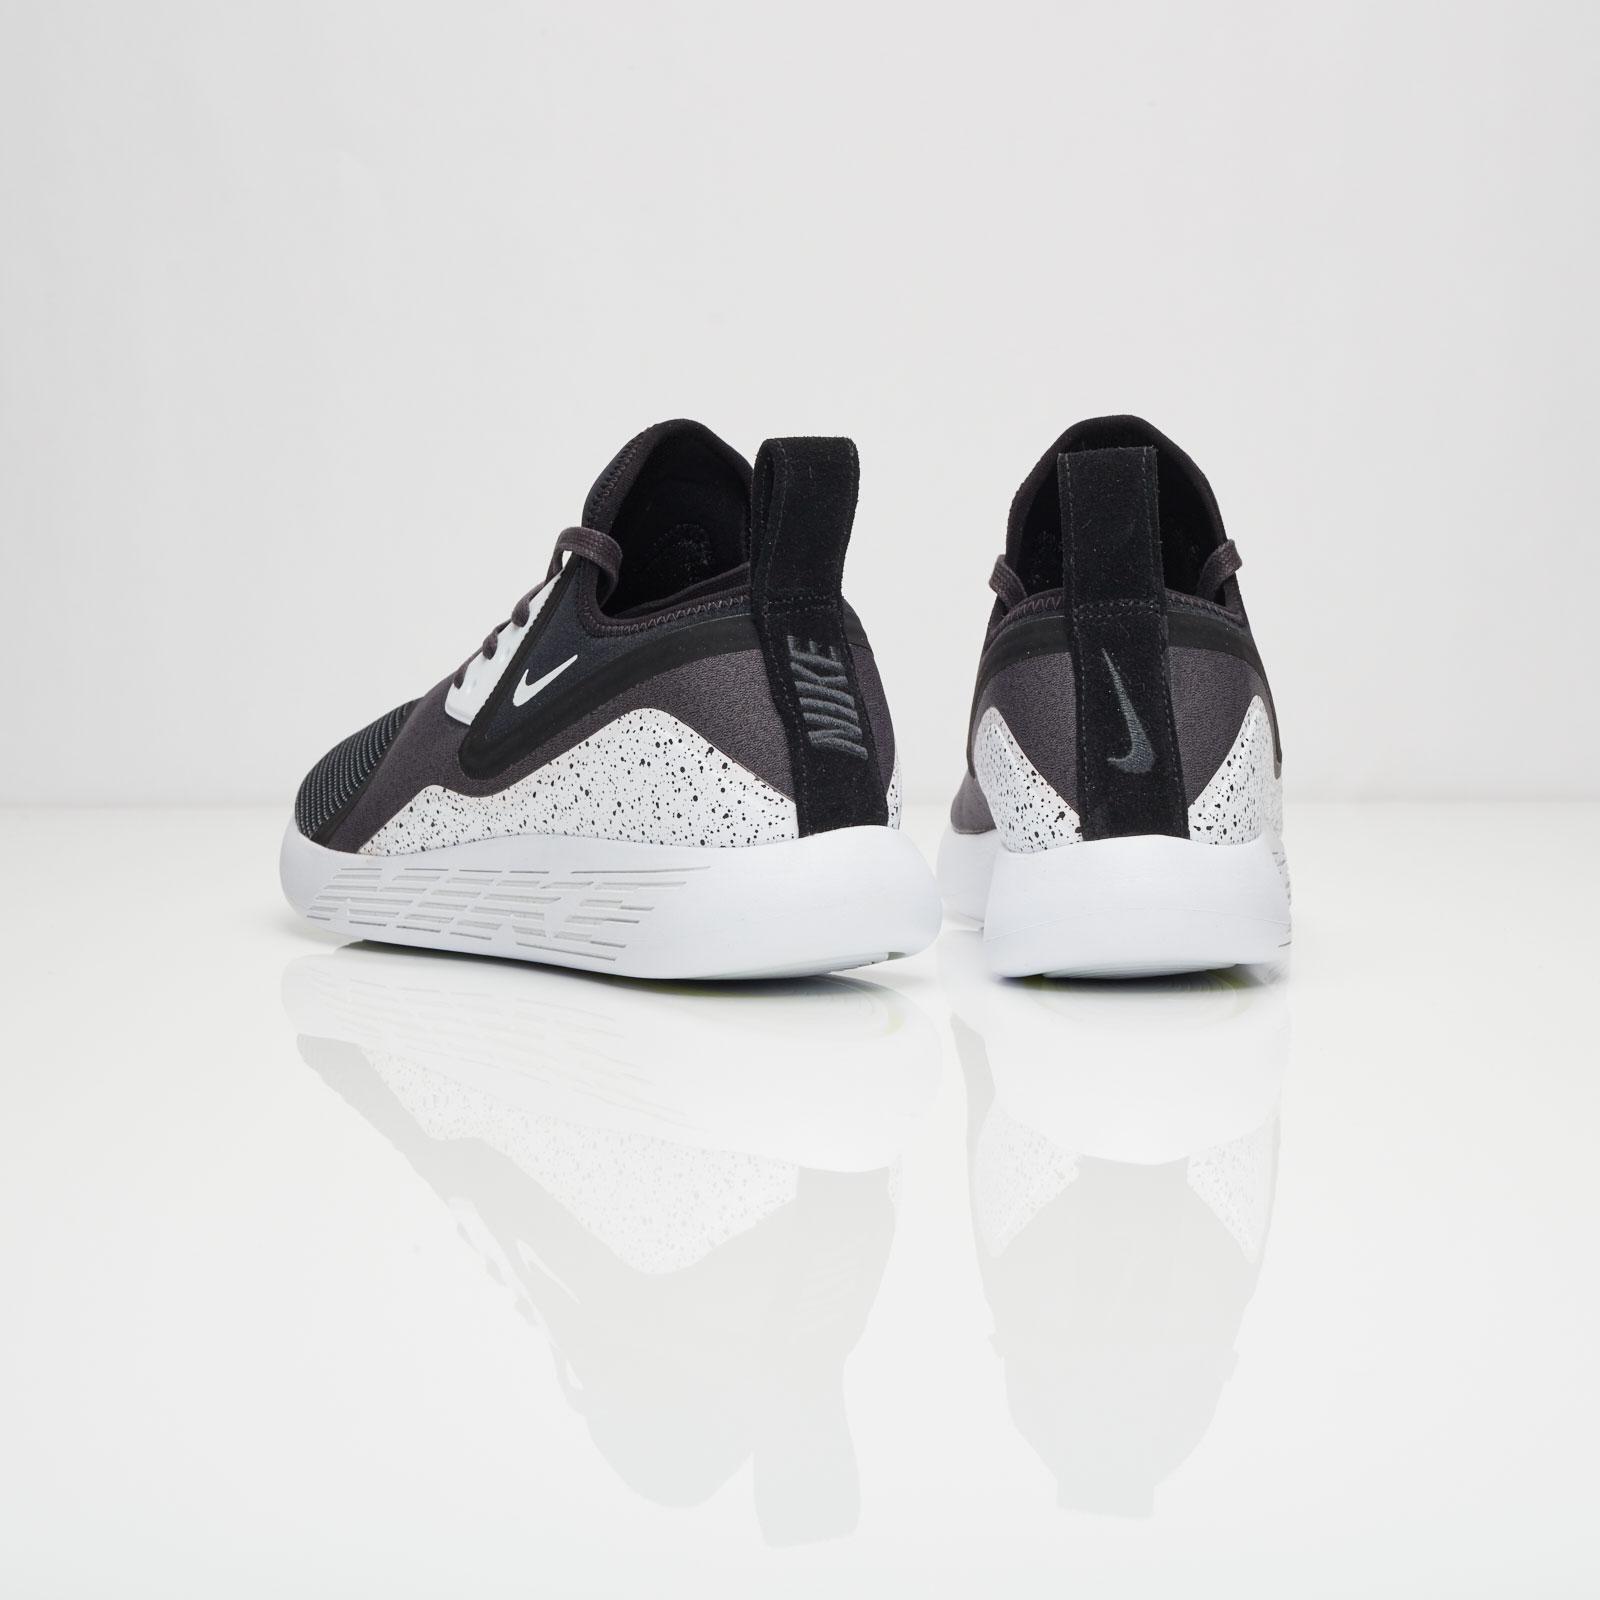 reputable site fd575 efb91 Nike Lunarcharge Premium LE - 923284-999 - Sneakersnstuff   sneakers    streetwear online since 1999